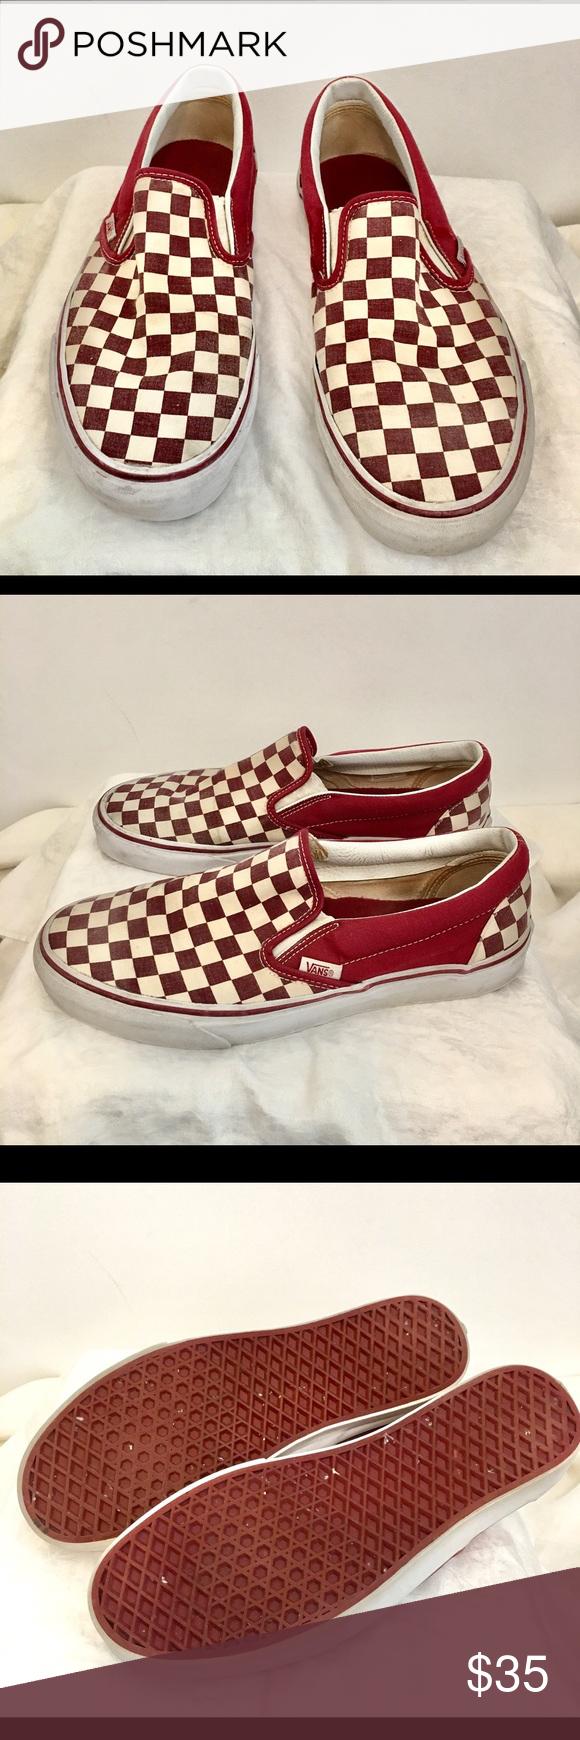 e633e8e79b1711 VANS Classic Slip-On Checkerboard